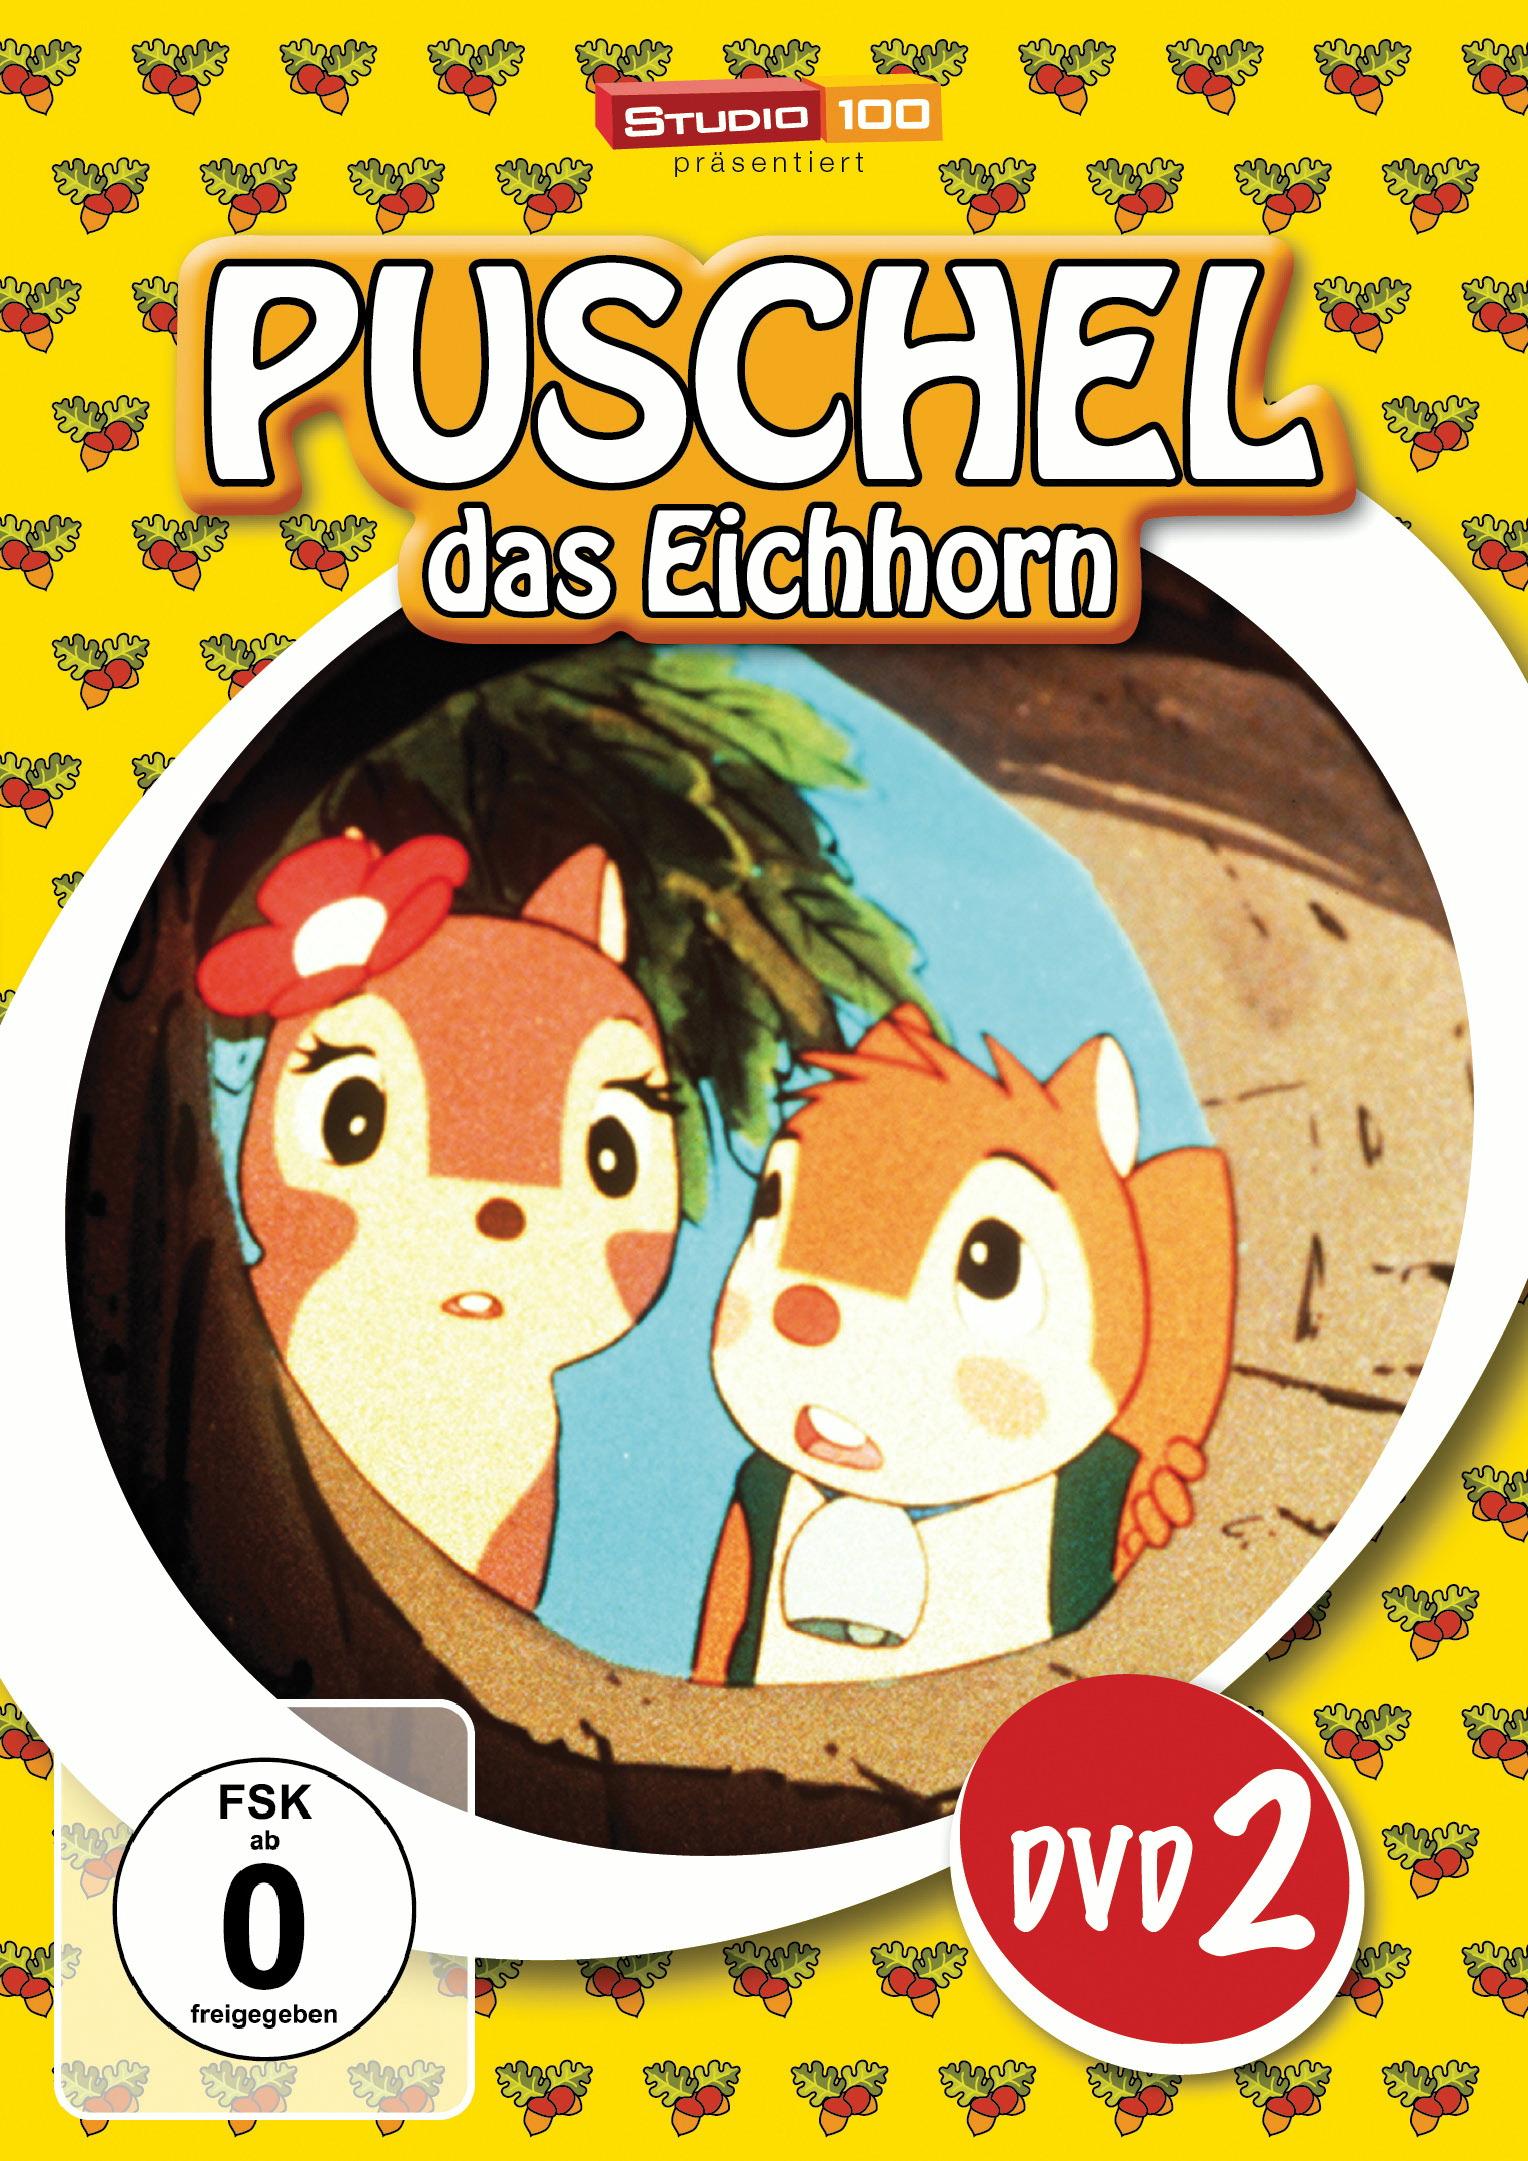 Puschel, das Eichhorn, DVD 2 Poster